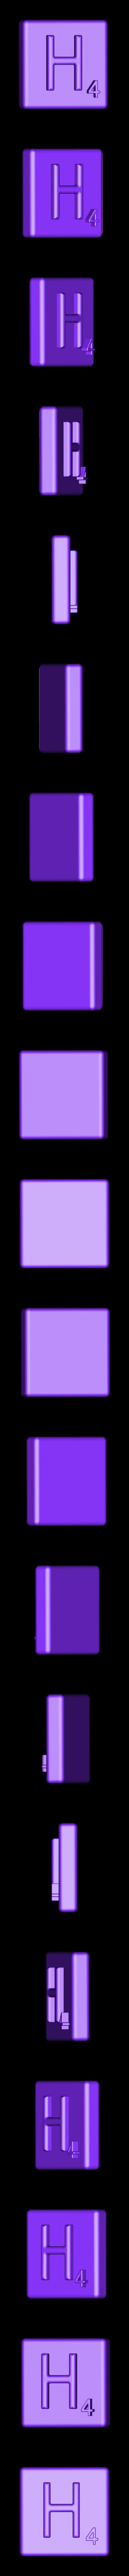 Single_Extruded_H.STL Télécharger fichier STL gratuit Pièces et support SCRABBBLE • Design pour imprimante 3D, Balkhagal4D